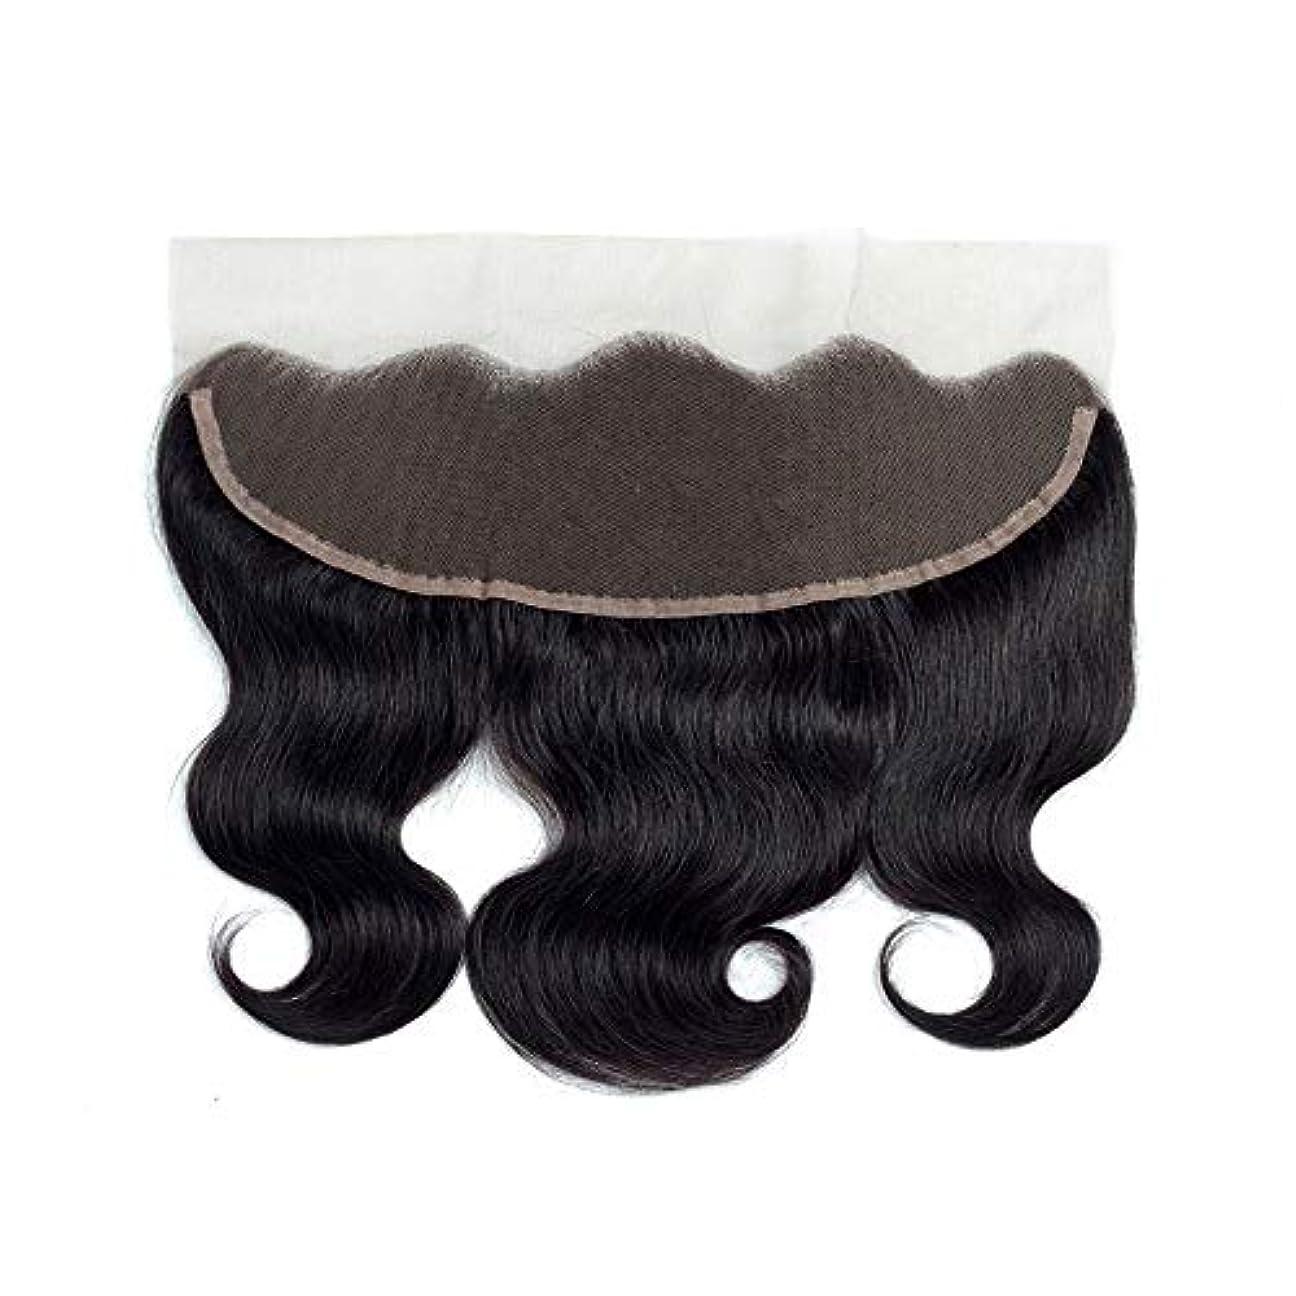 市場フォアタイプ迷彩WASAIO 閉鎖前頭ボディウェーブ人間の拡張クリップUnseamed本能的ブラックカラー13 * 4レースでブラジルの髪 (色 : 黒, サイズ : 8 inch)